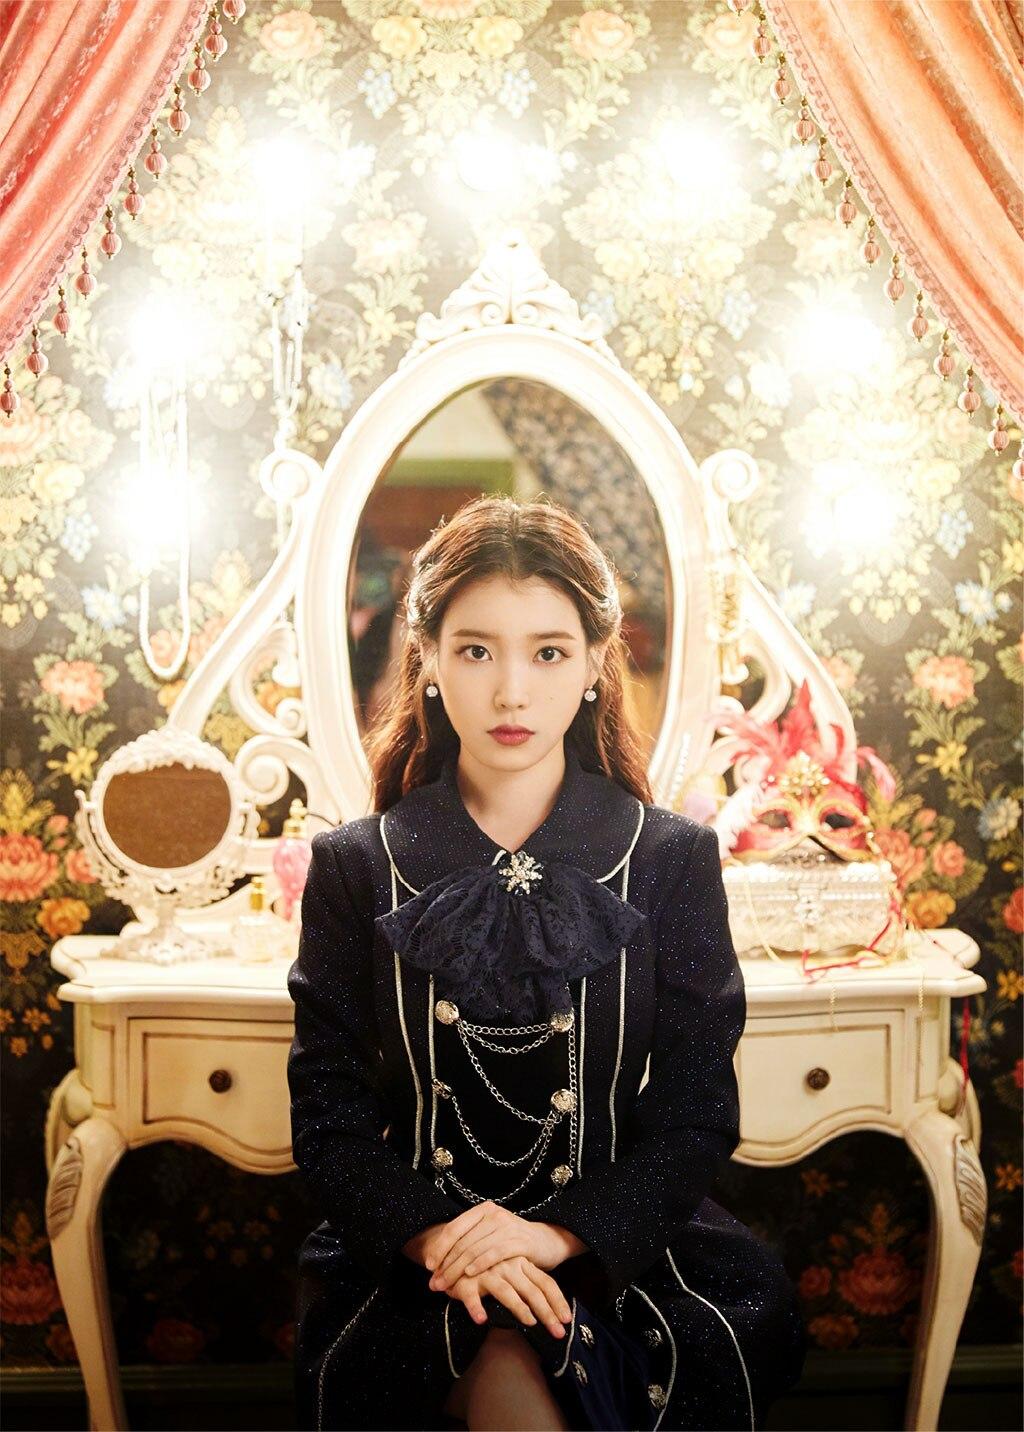 Takako Uehara images